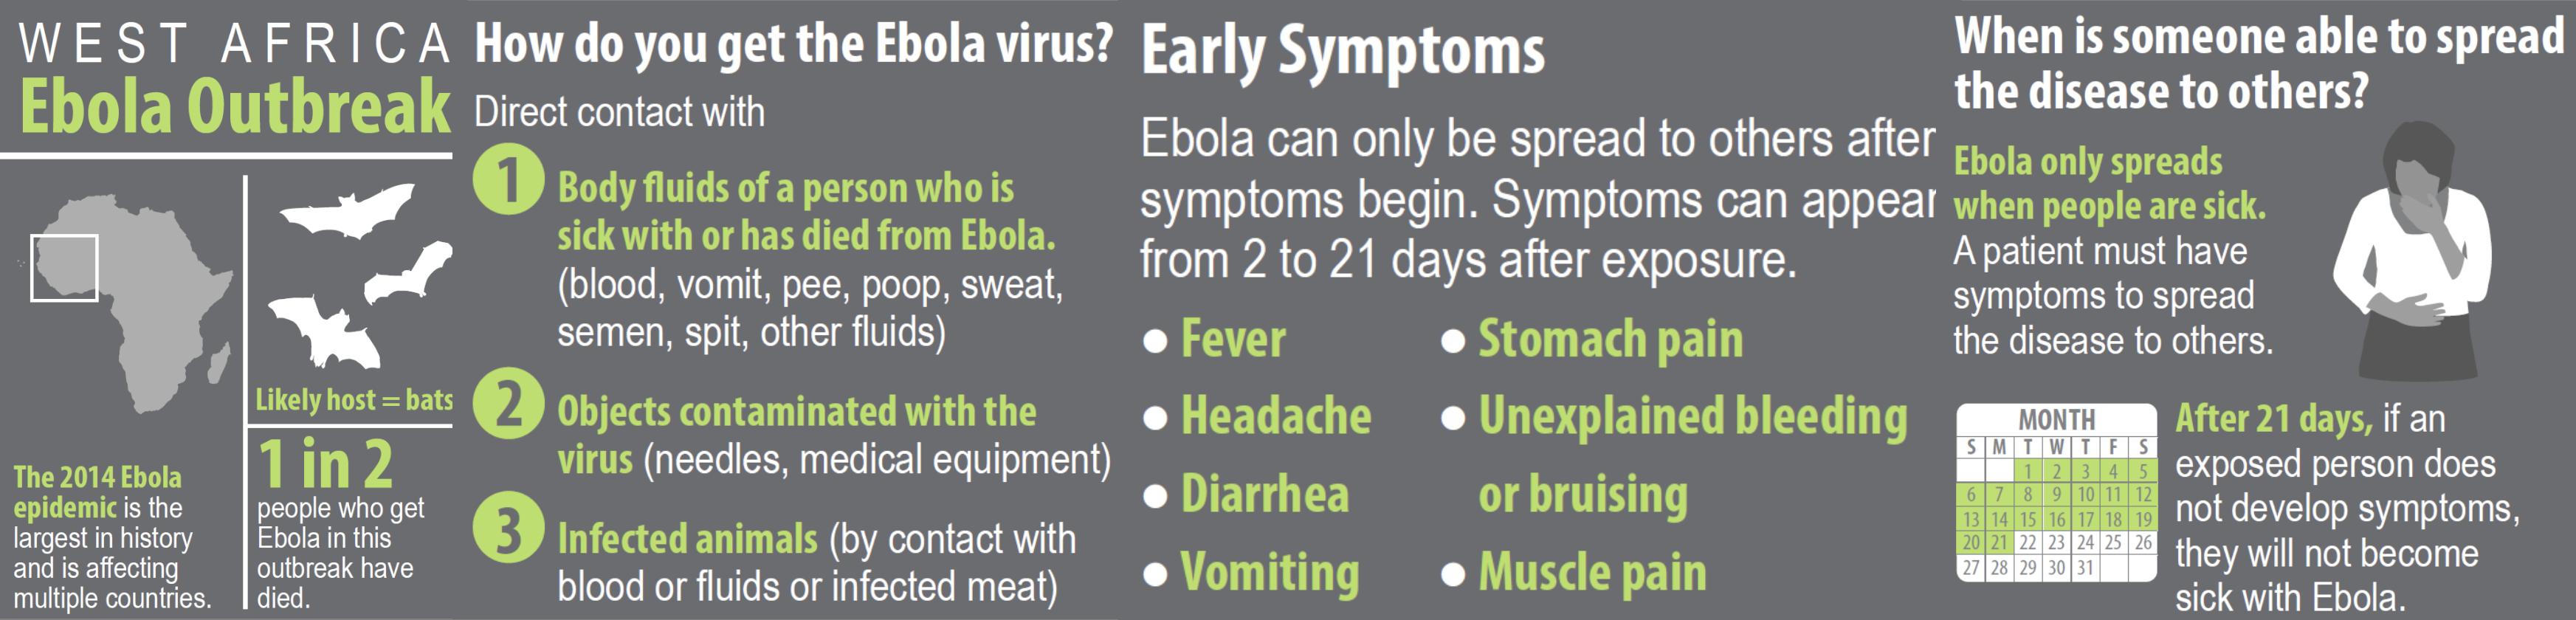 Ebola Grouped Image 1